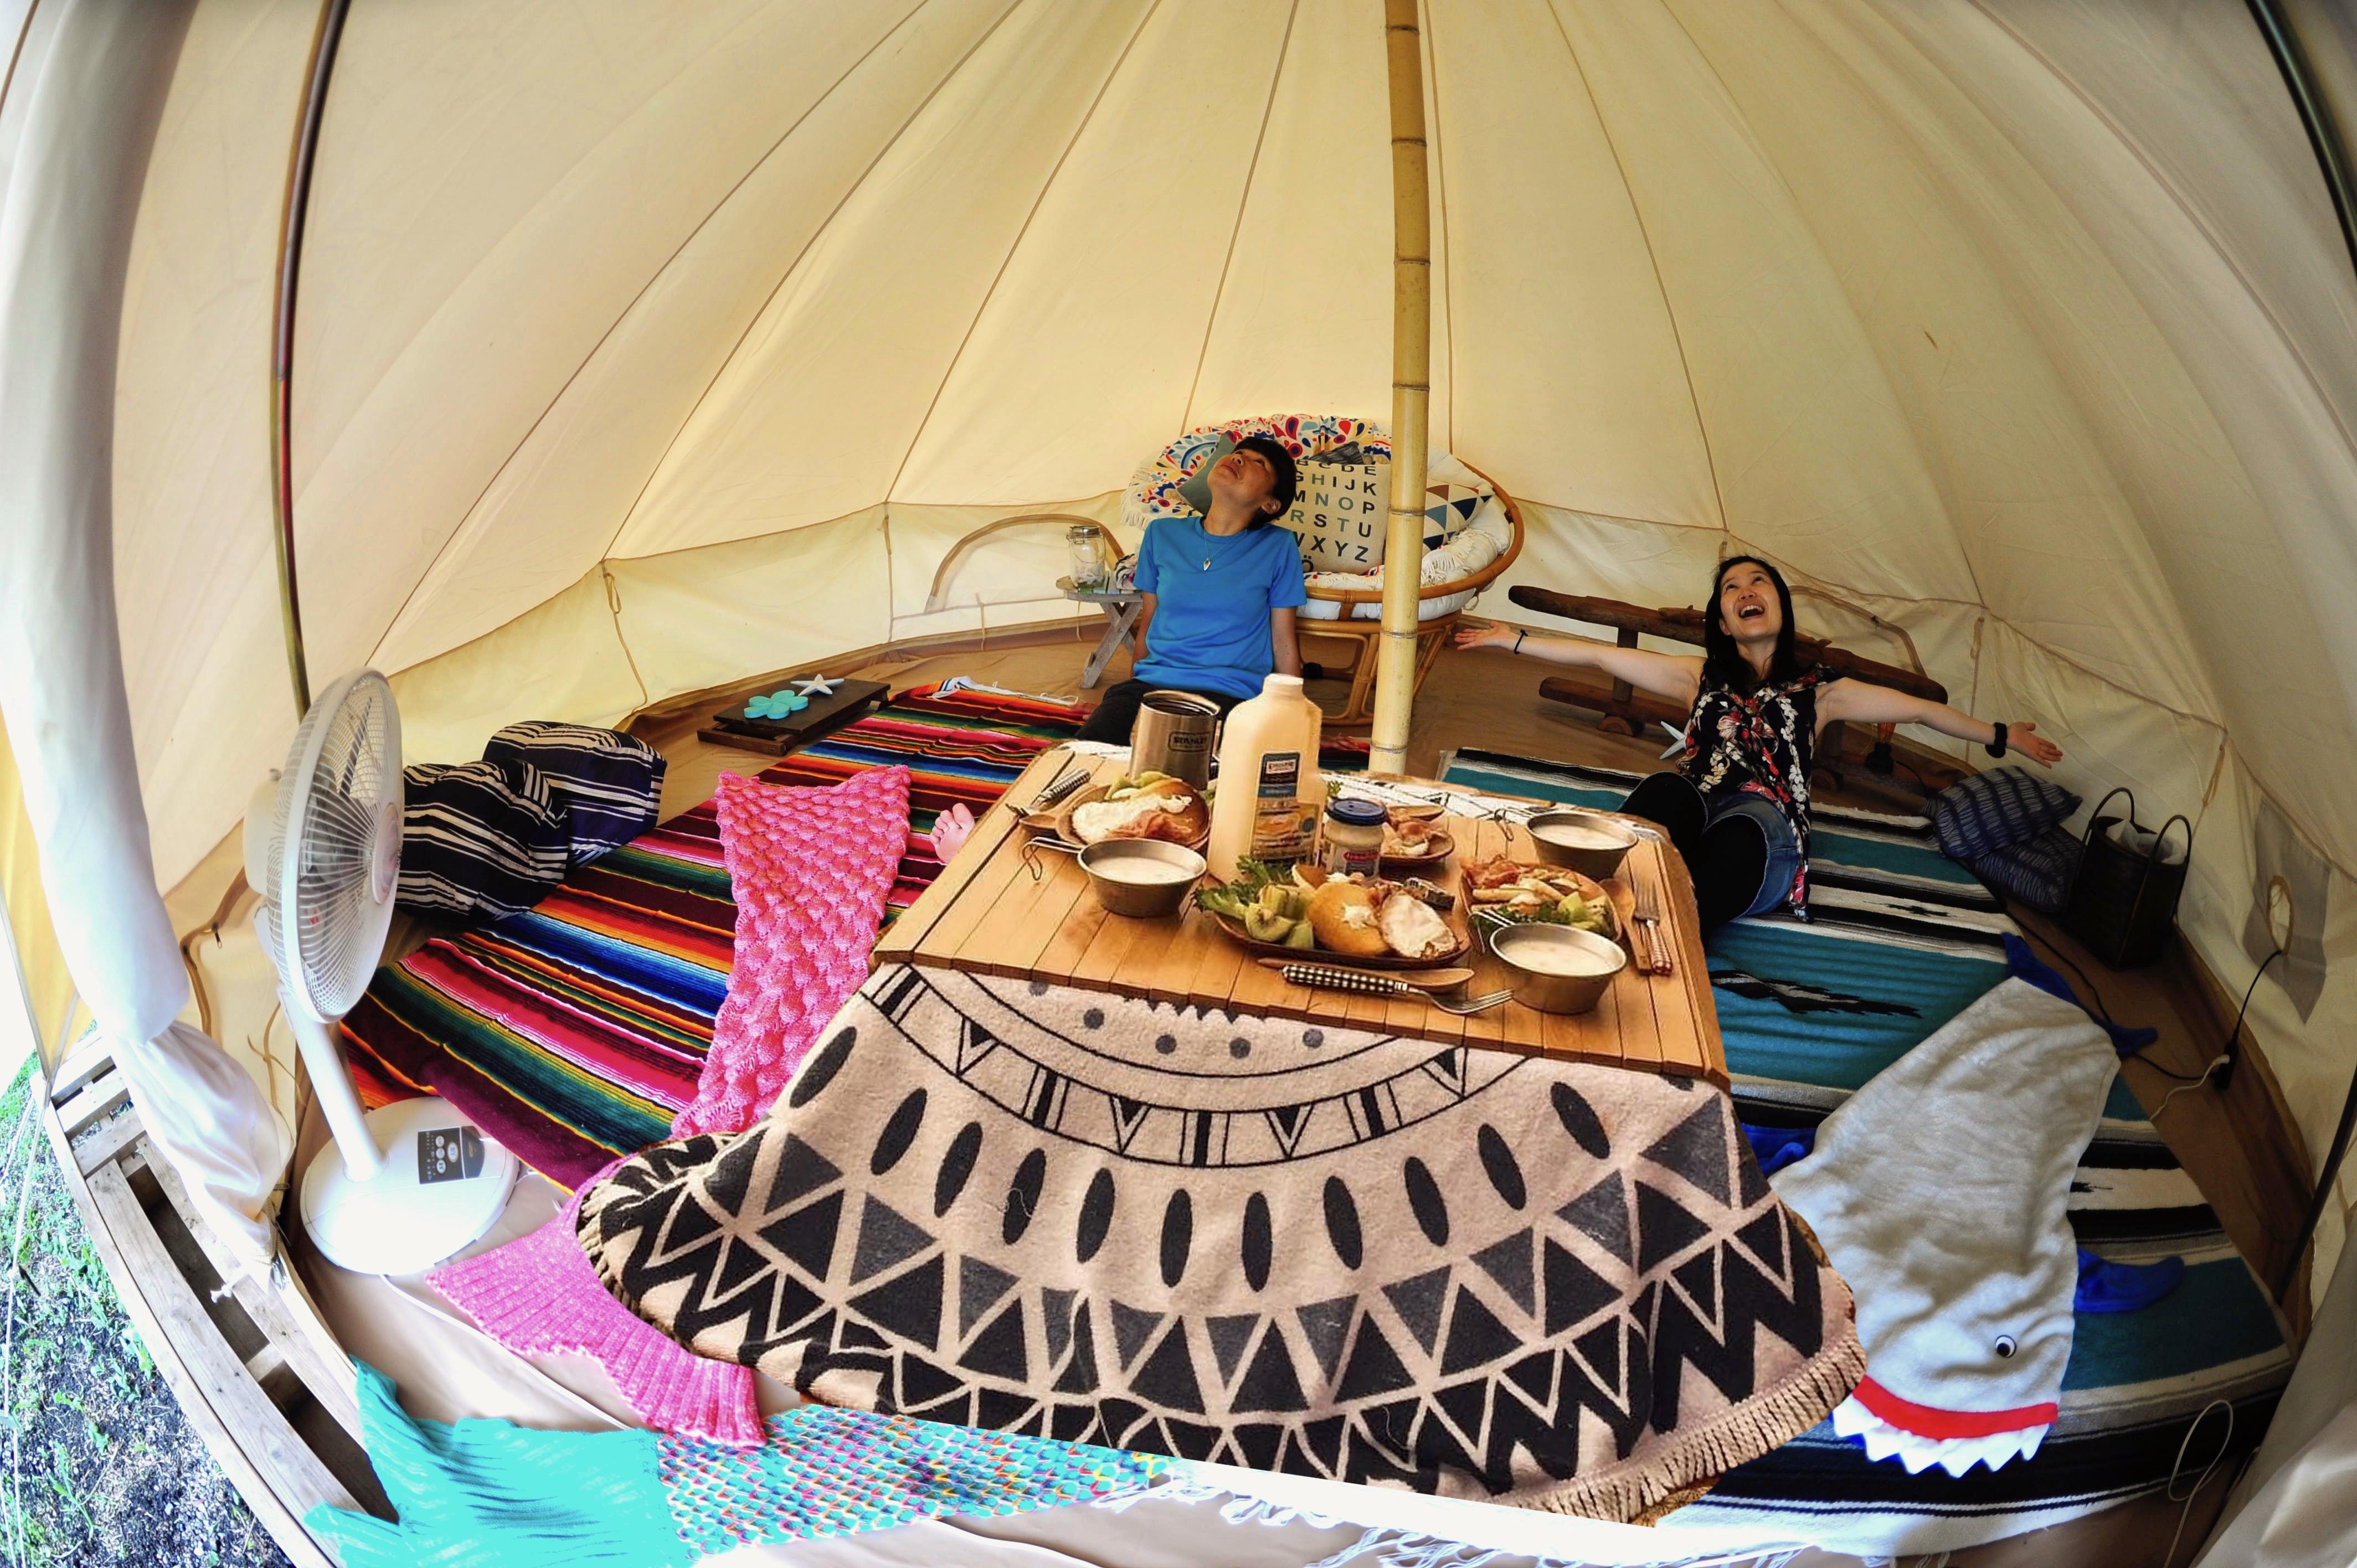 【1日限定1組】レンタルこたつテントに泊まれる!(2~4名まで)手ぶらでもOK!事前にご相談ください(現地清算)テント内でお料理はできません。